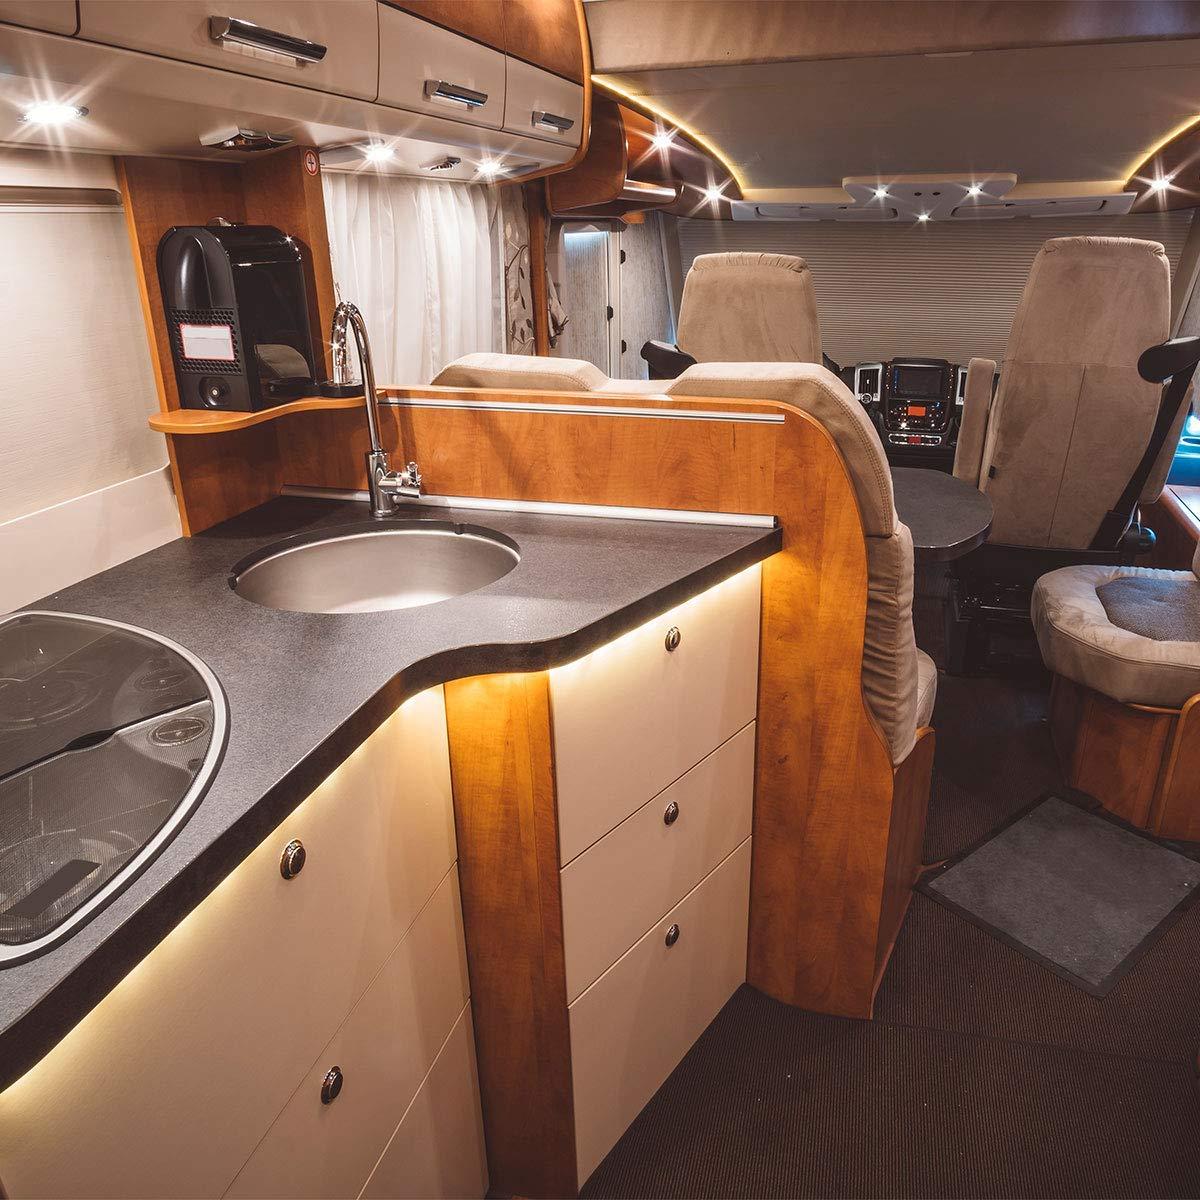 Motorhome Sailboat,Yacht 4000K Neutral White ALOVECO LED RV Boat Interior Light 12V LED RV Ceiling Lighting Fixture for Camper /… 4 Pack